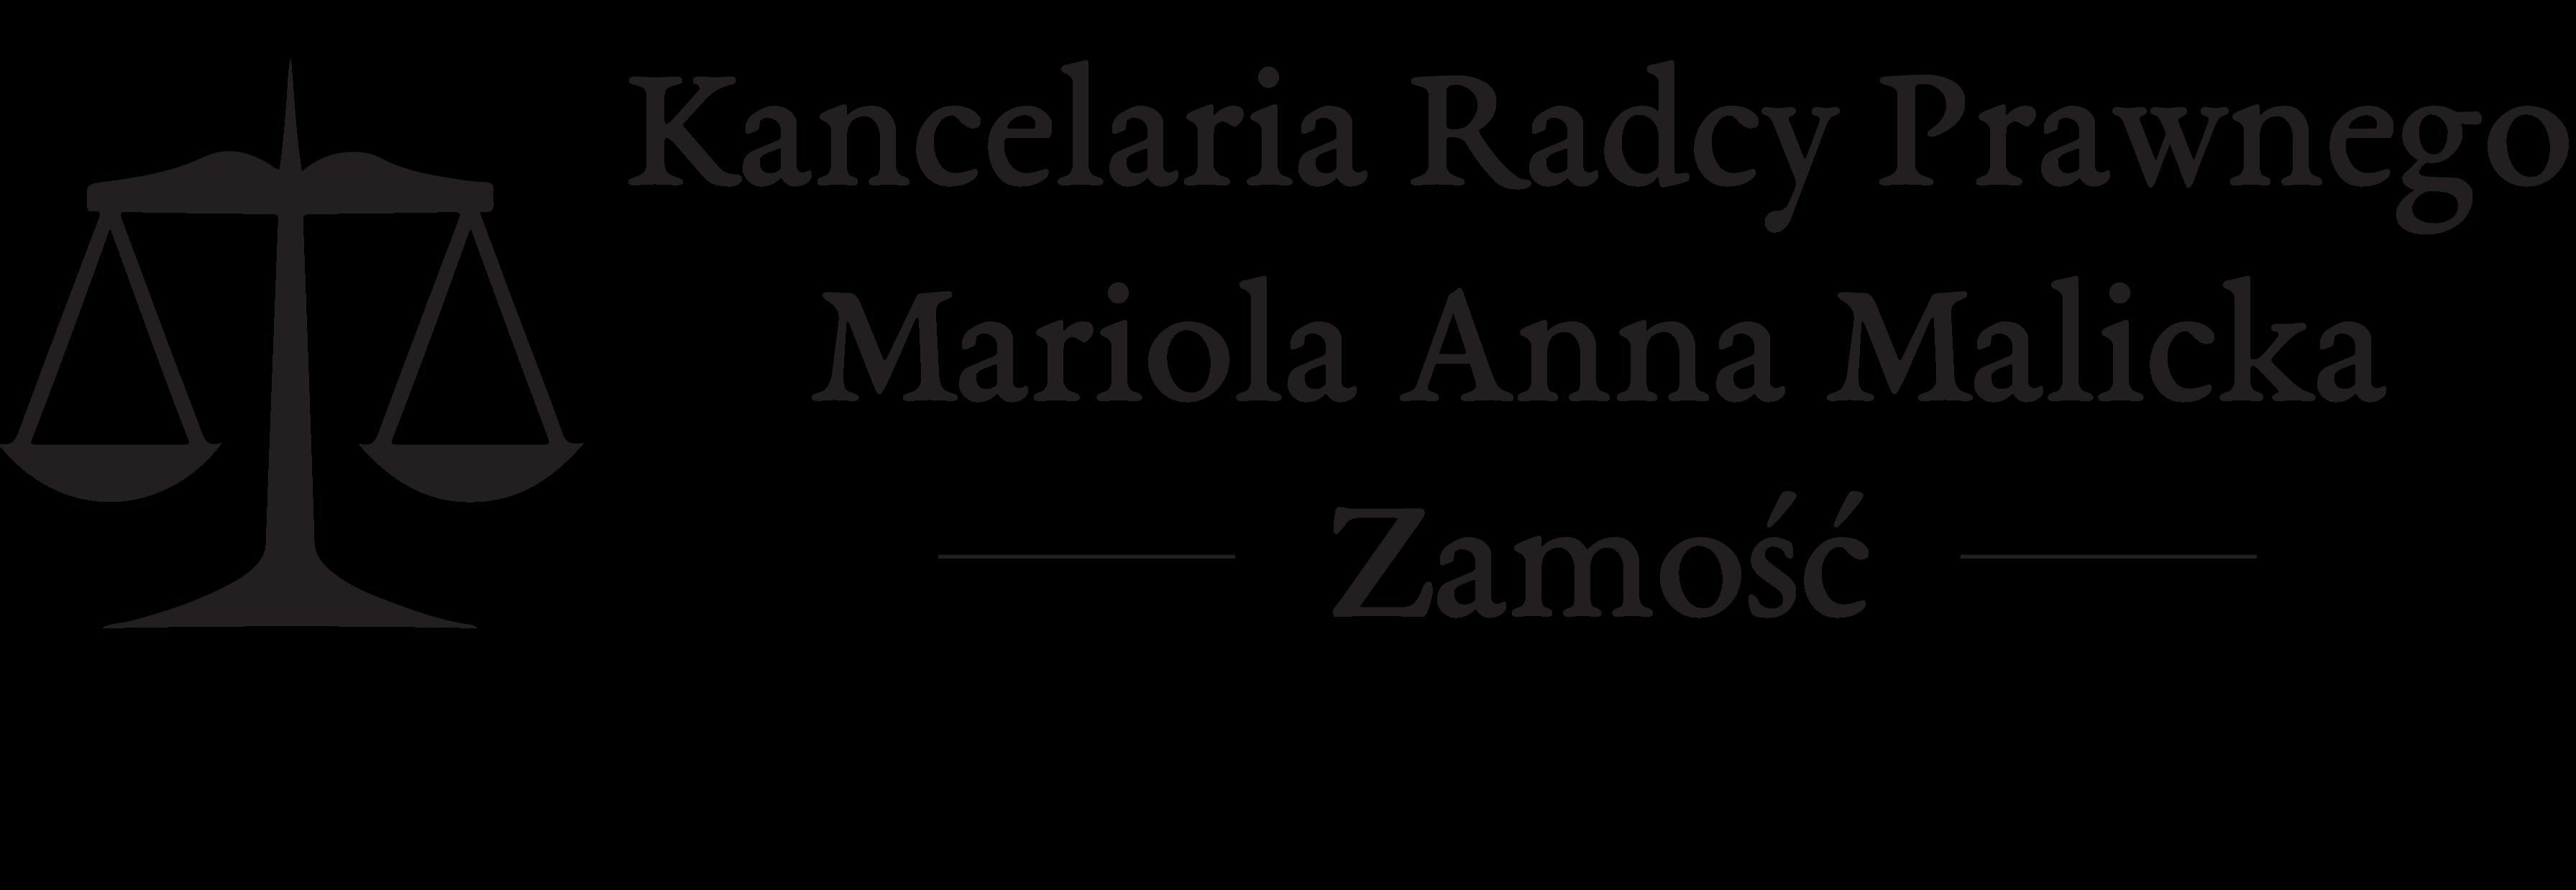 Kancelaria Radcy Prawnego Mariola Anna Malicka - Zamość